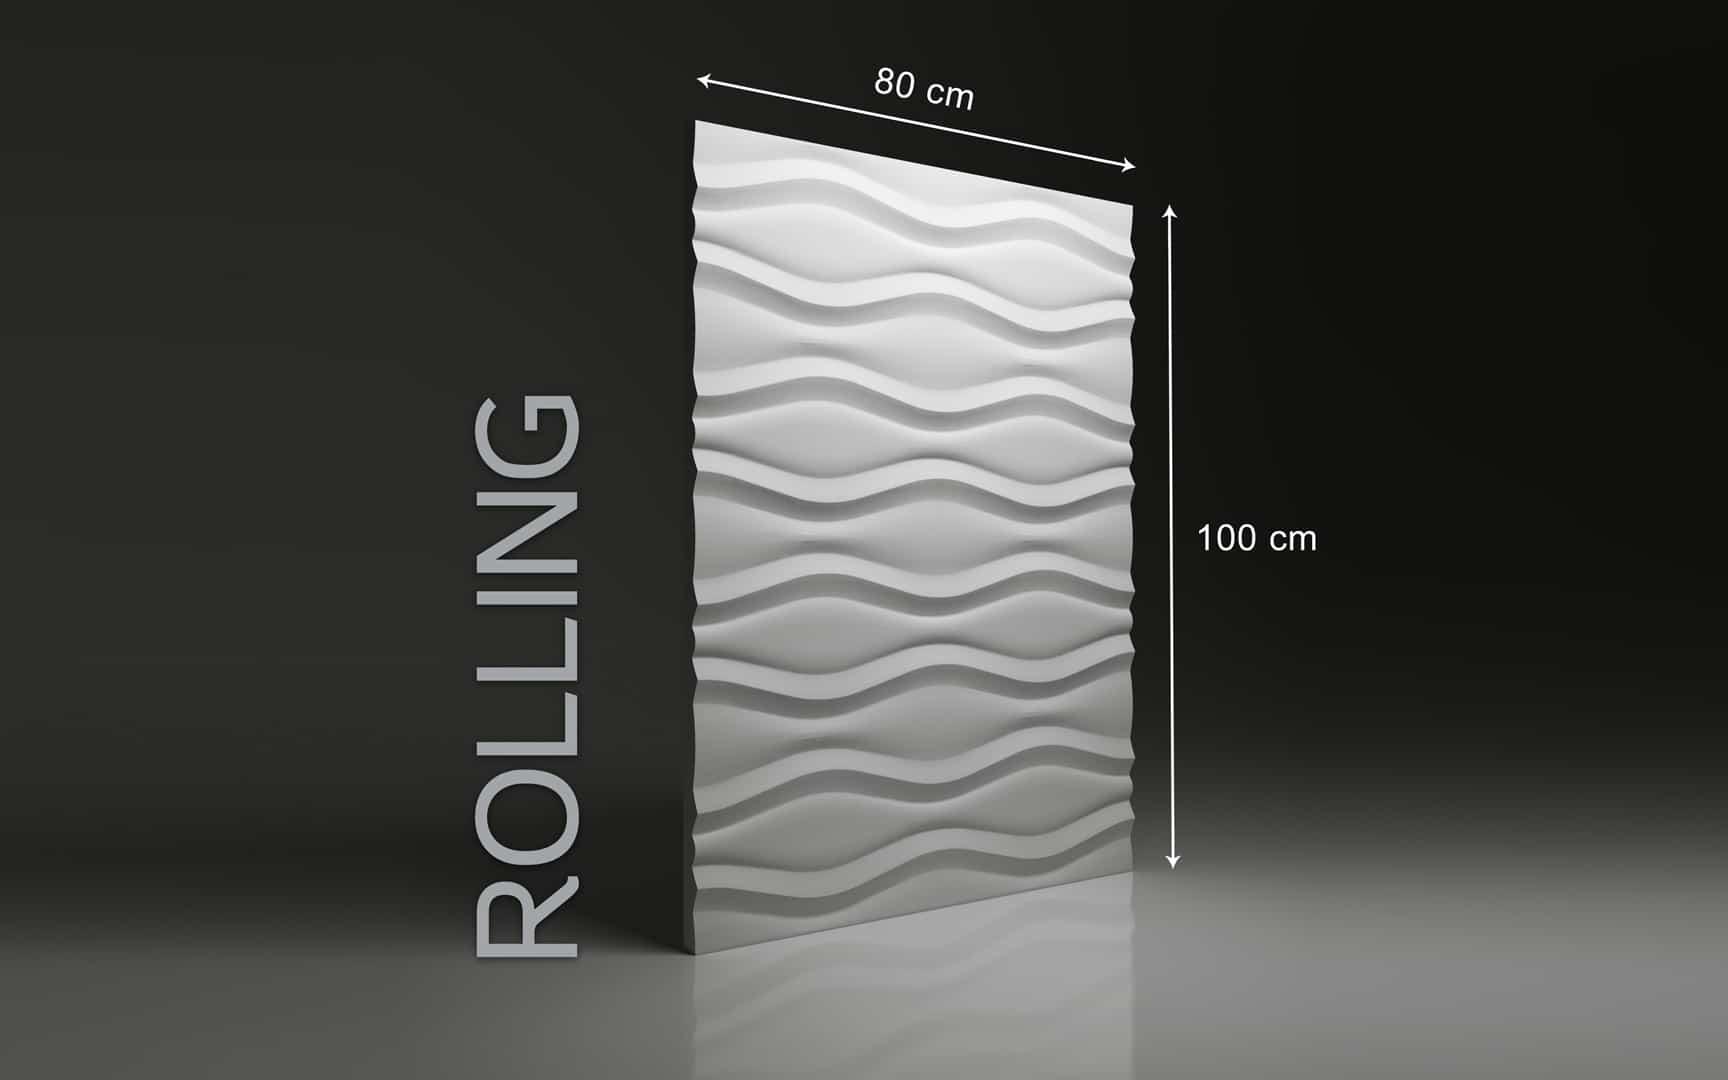 ROLLING DIMENSIONS : hauteur 100 cm x largeur 80 cm ÉPAISSEUR : de 1,5 cm à 3,0 cm POIDS : environ 15 kg